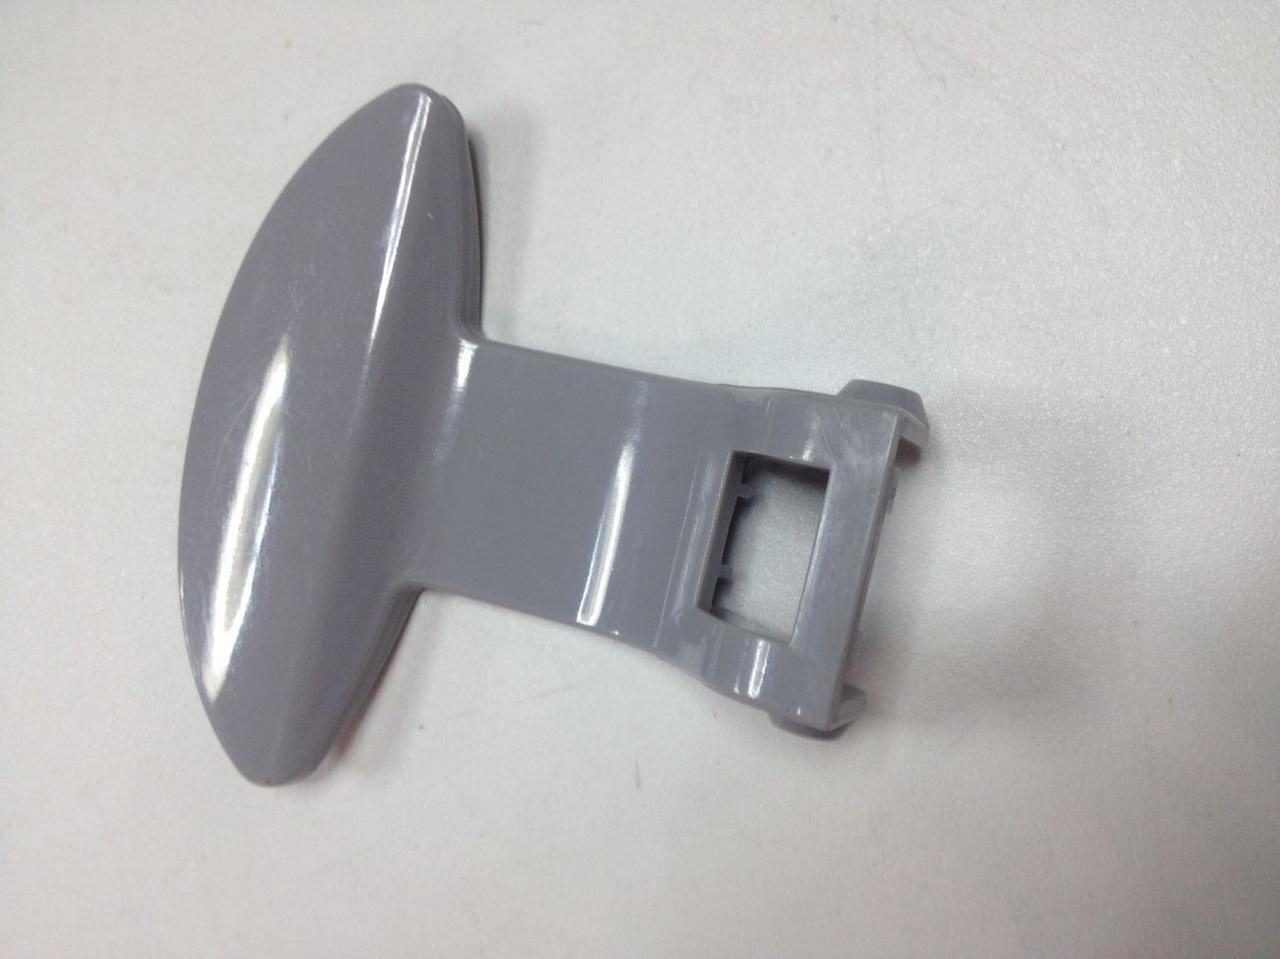 Ручка люка LG для стиральной машины 3650ER3001 оригинал